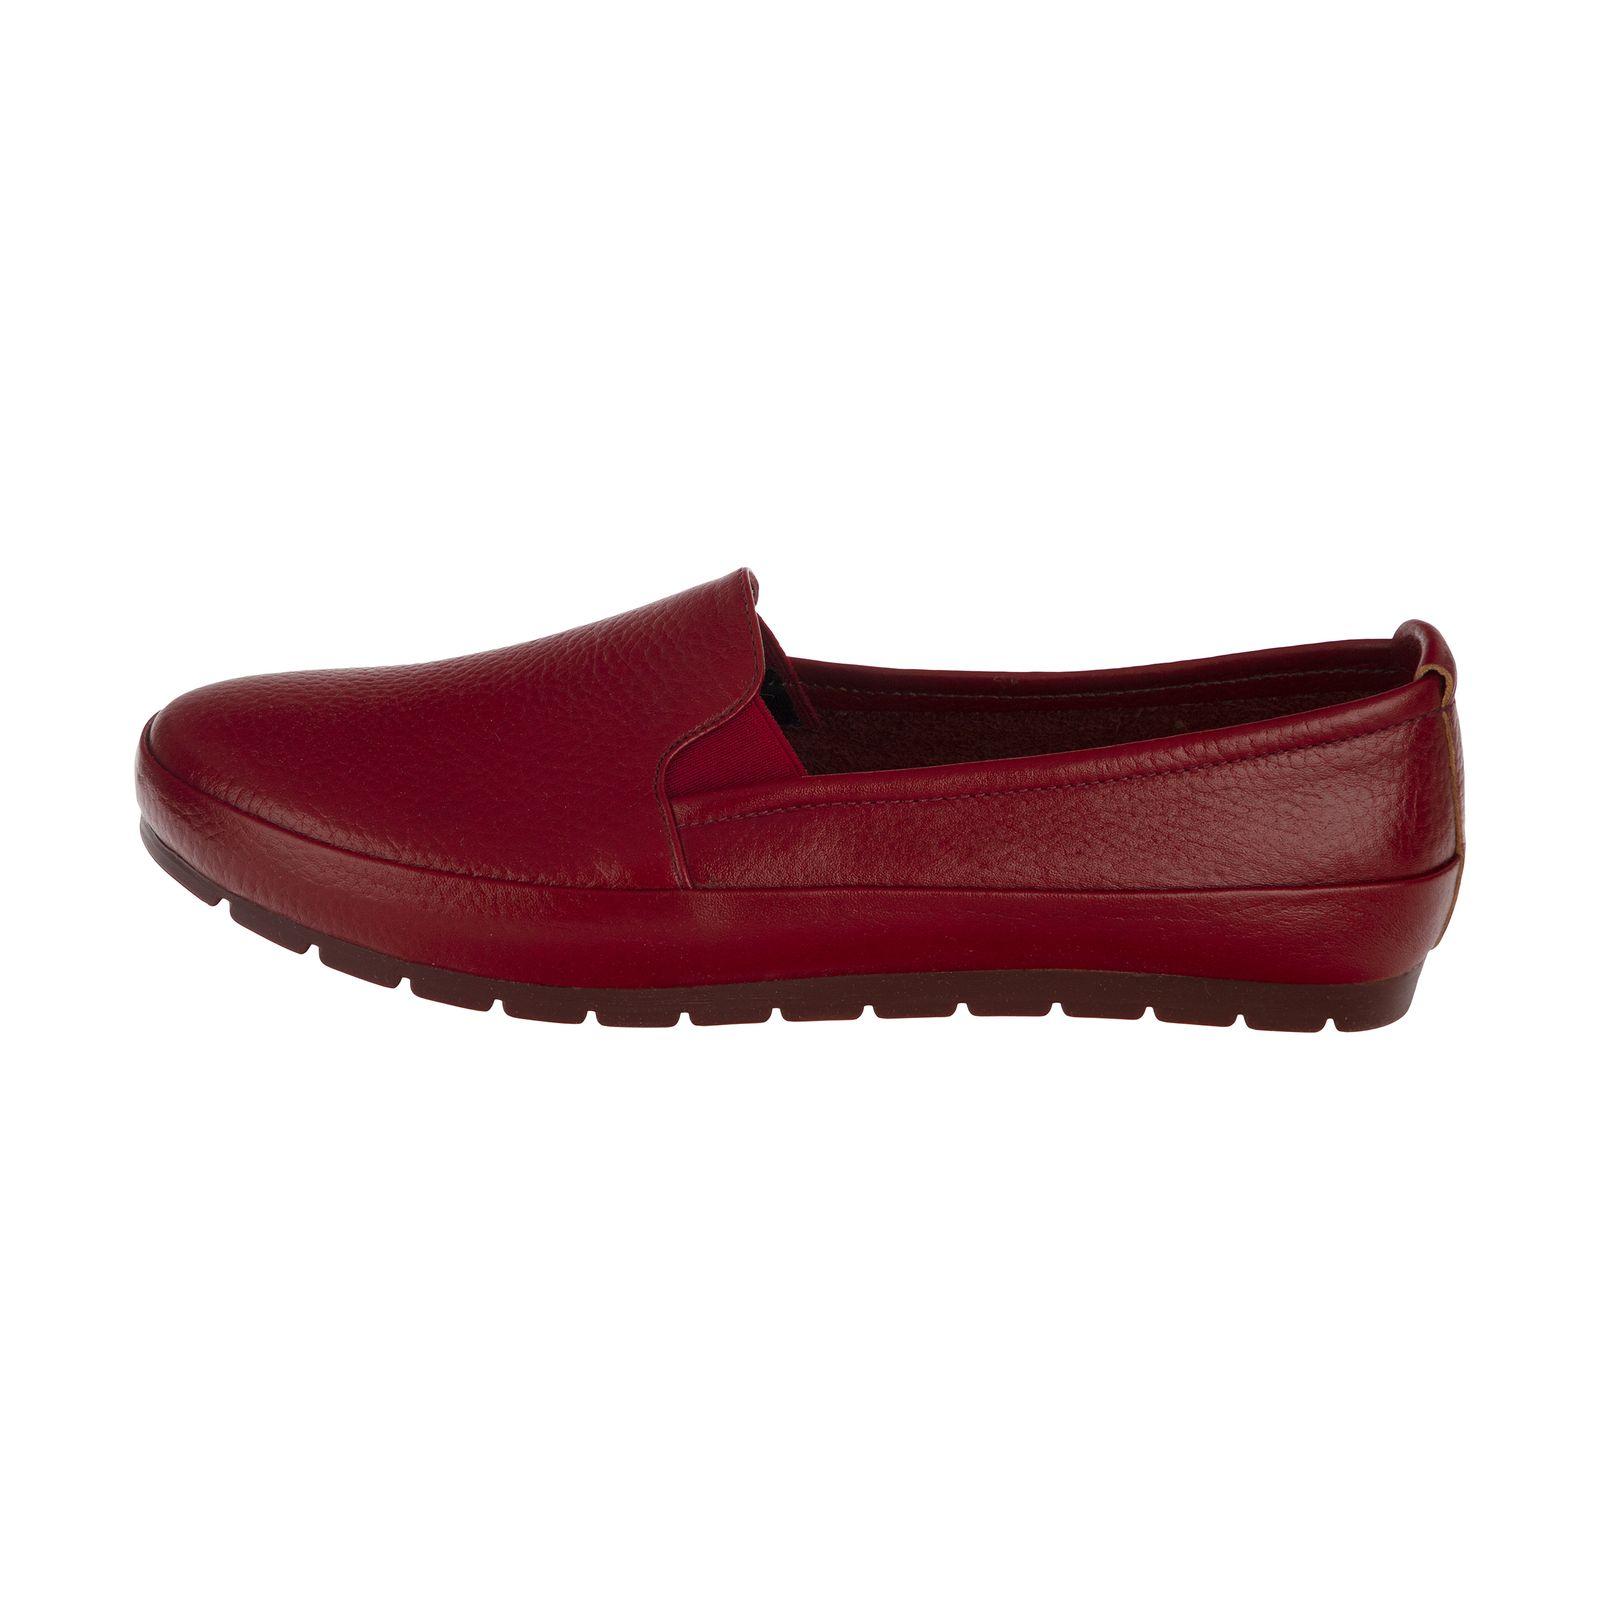 کفش روزمره زنانه بلوط مدل 5313A500102 -  - 2